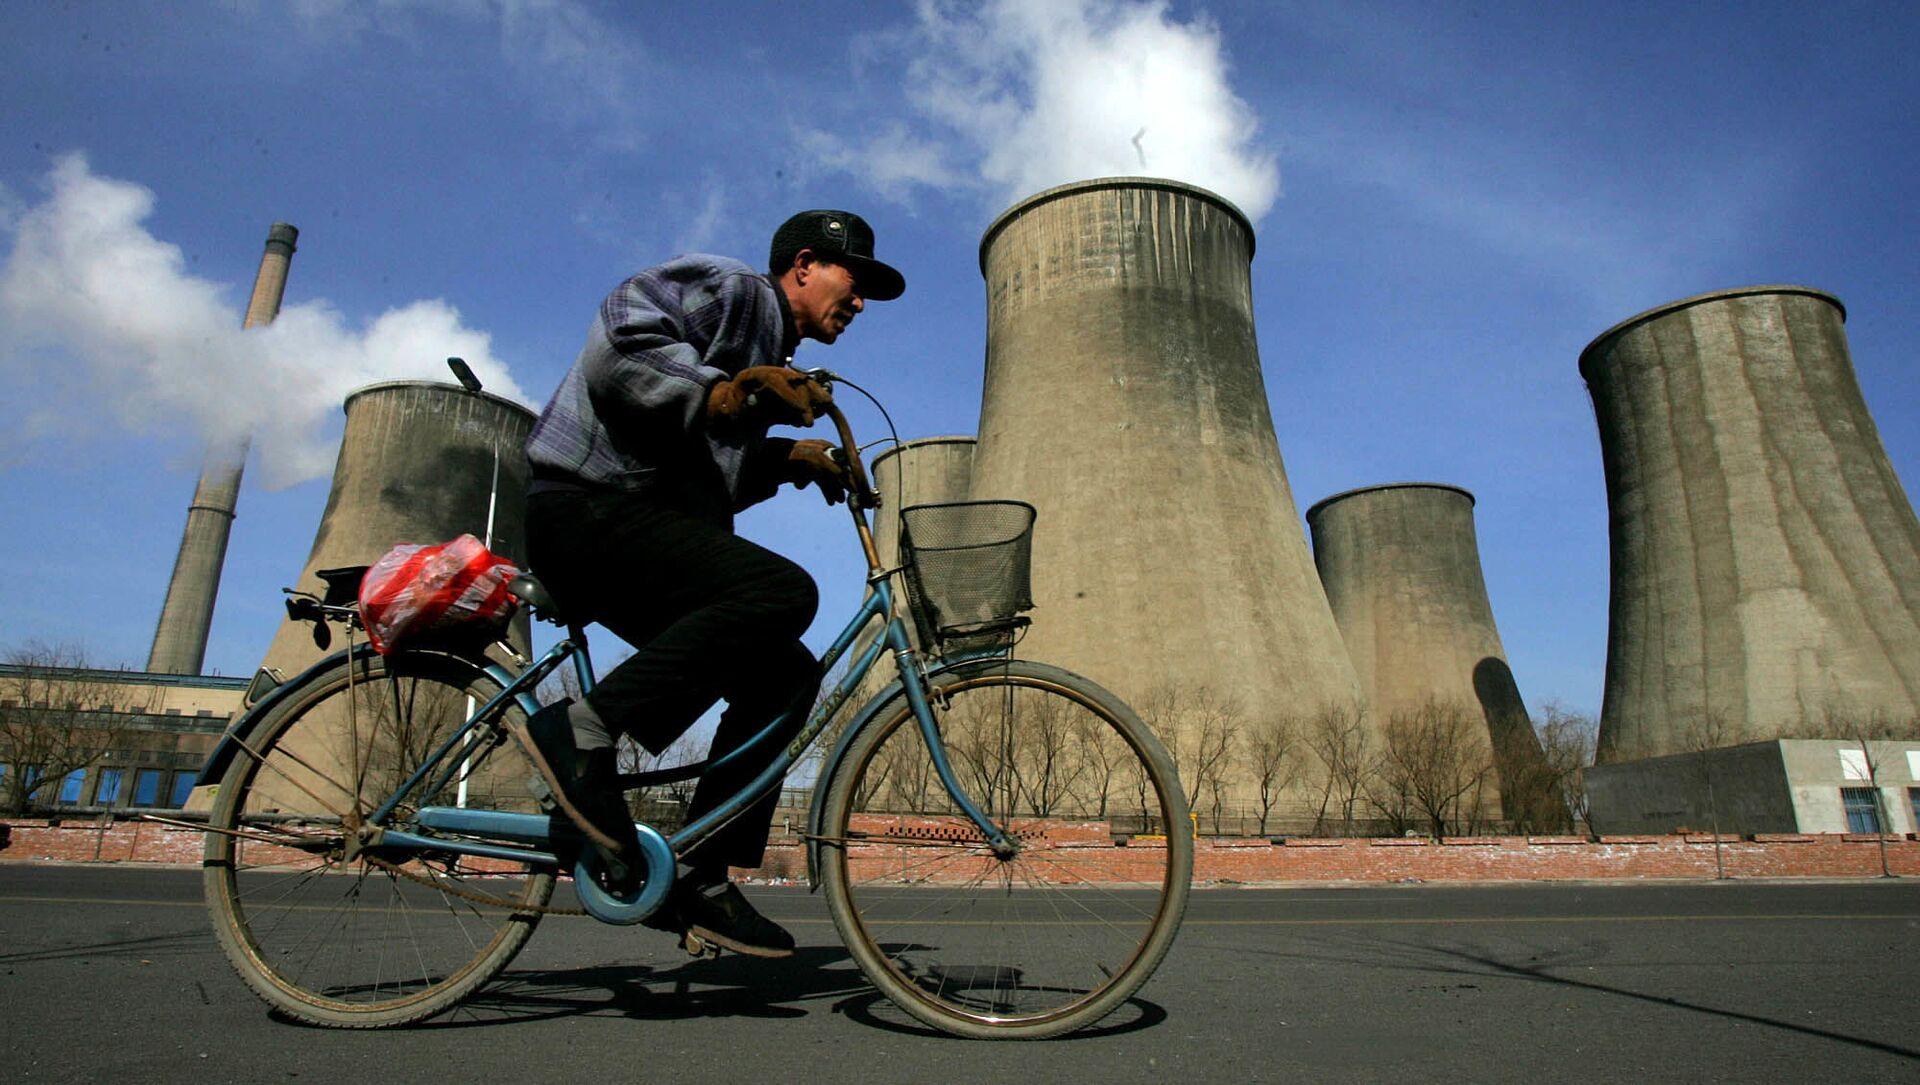 Una central eléctrica china que funciona con carbón - Sputnik Mundo, 1920, 15.10.2020